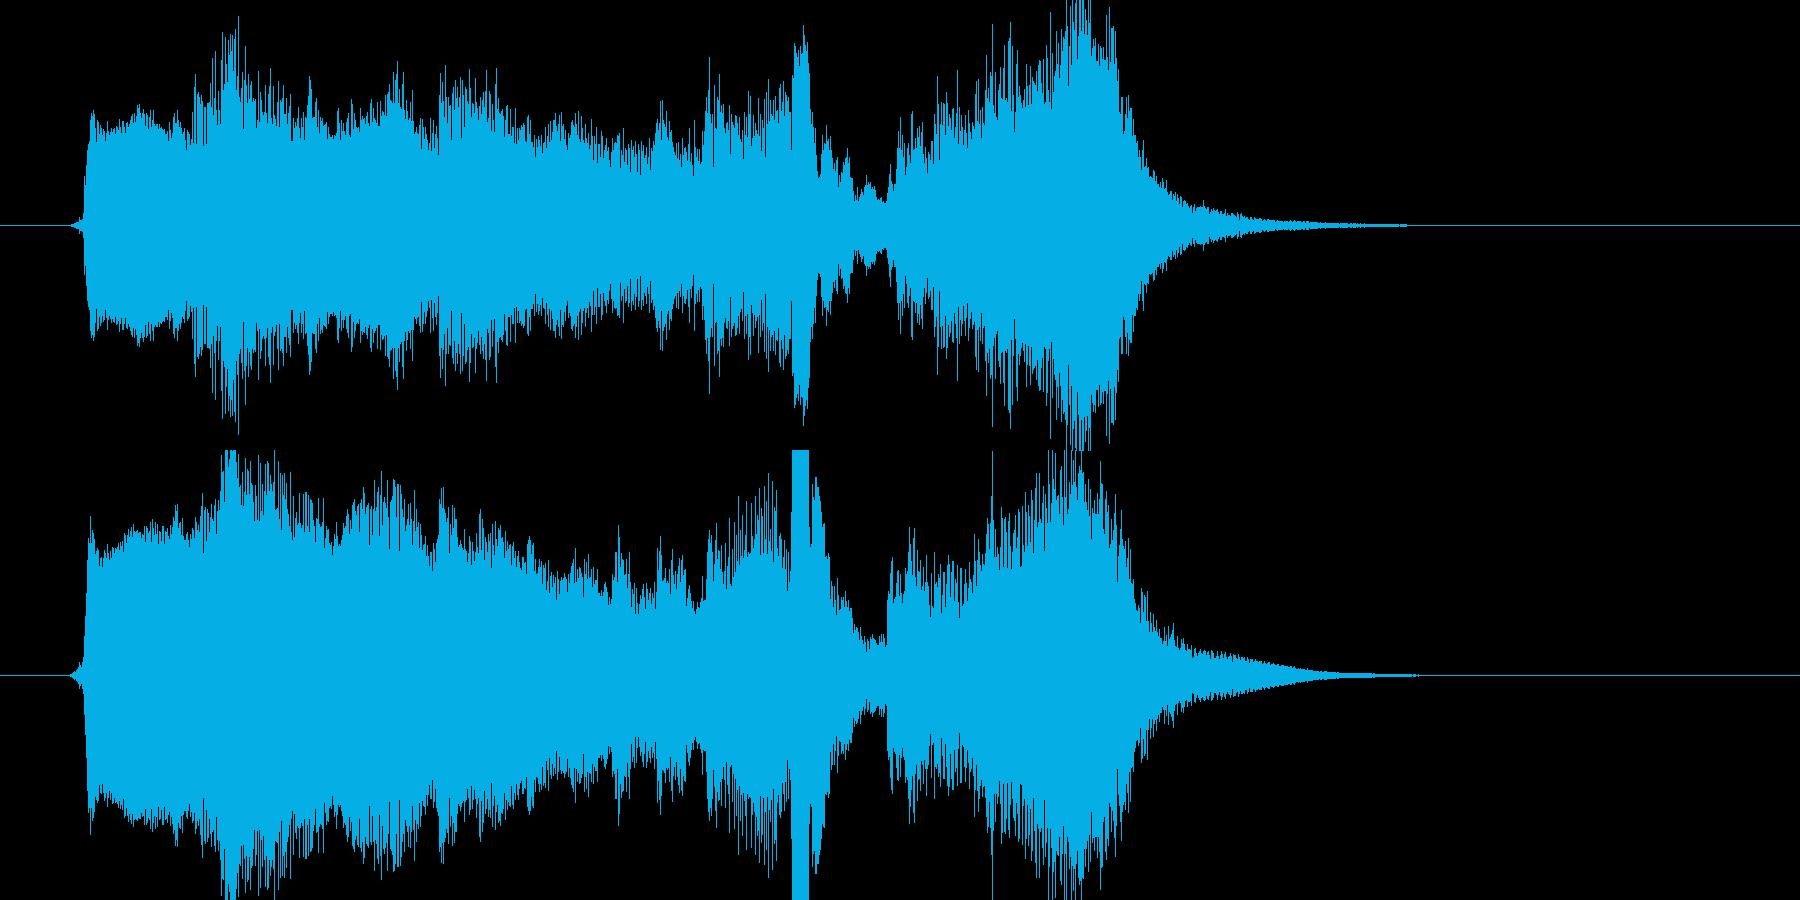 【ジングル】弦とピアノでアニメ風の幕開けの再生済みの波形